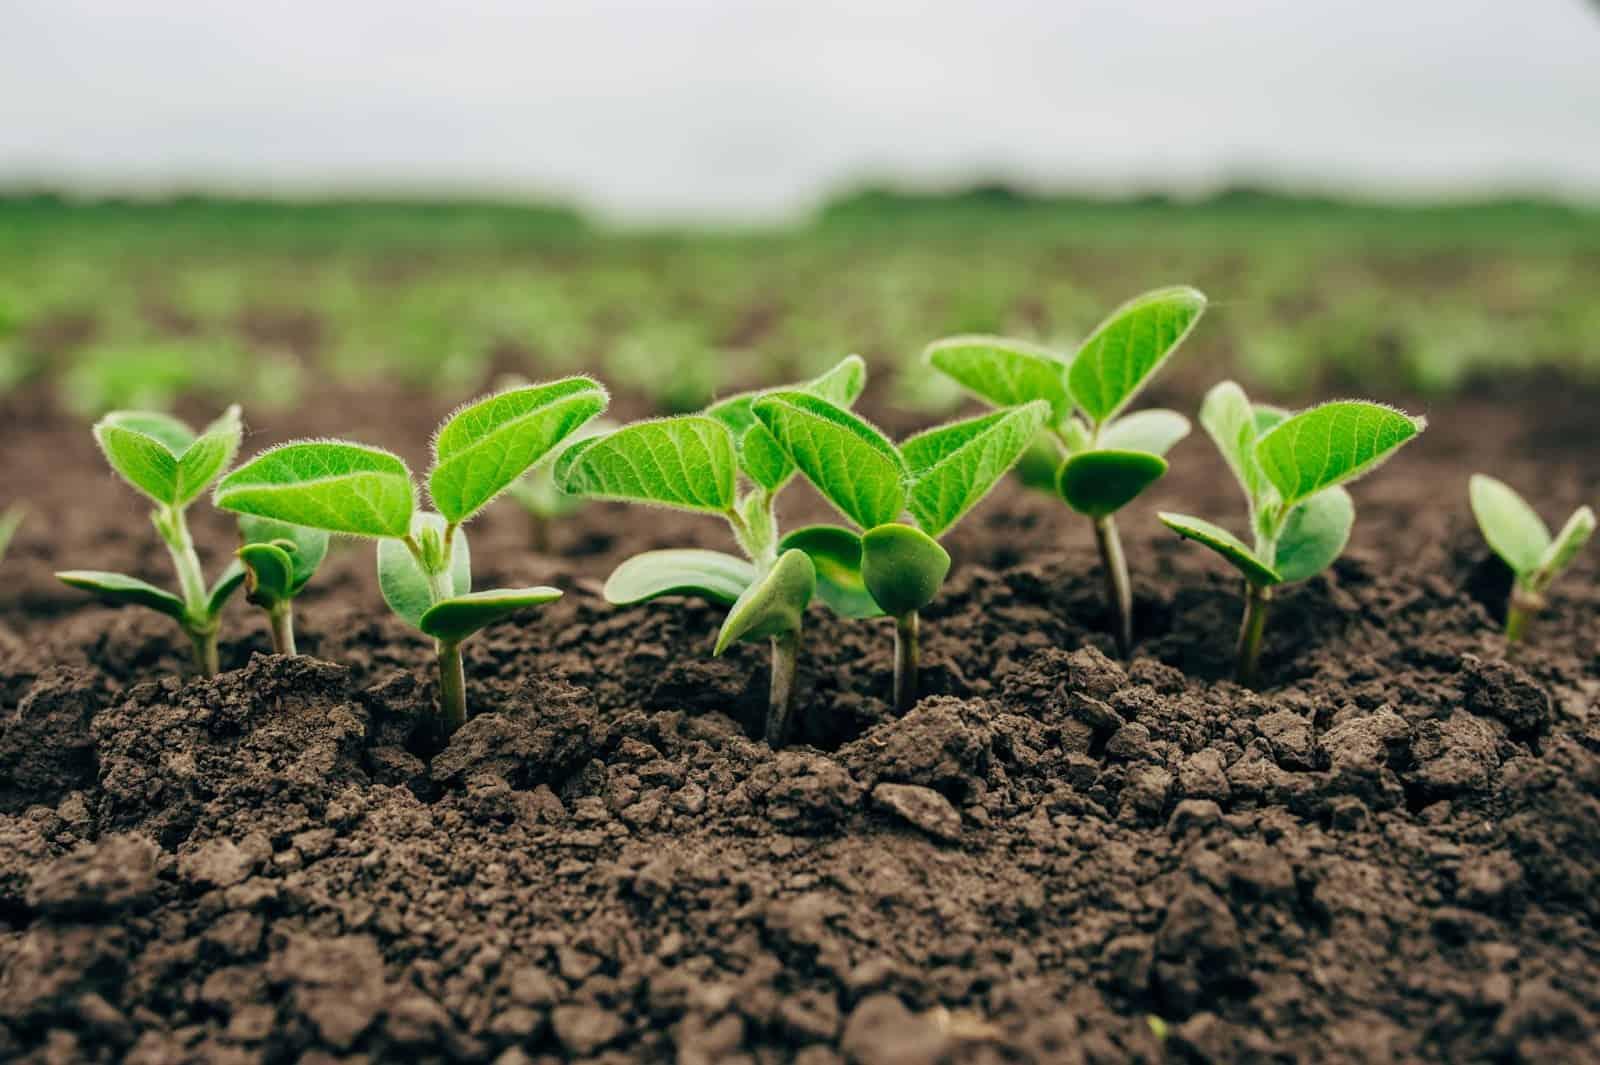 foto de soja em desenvolvimento, foco em mudas crescendo no solo